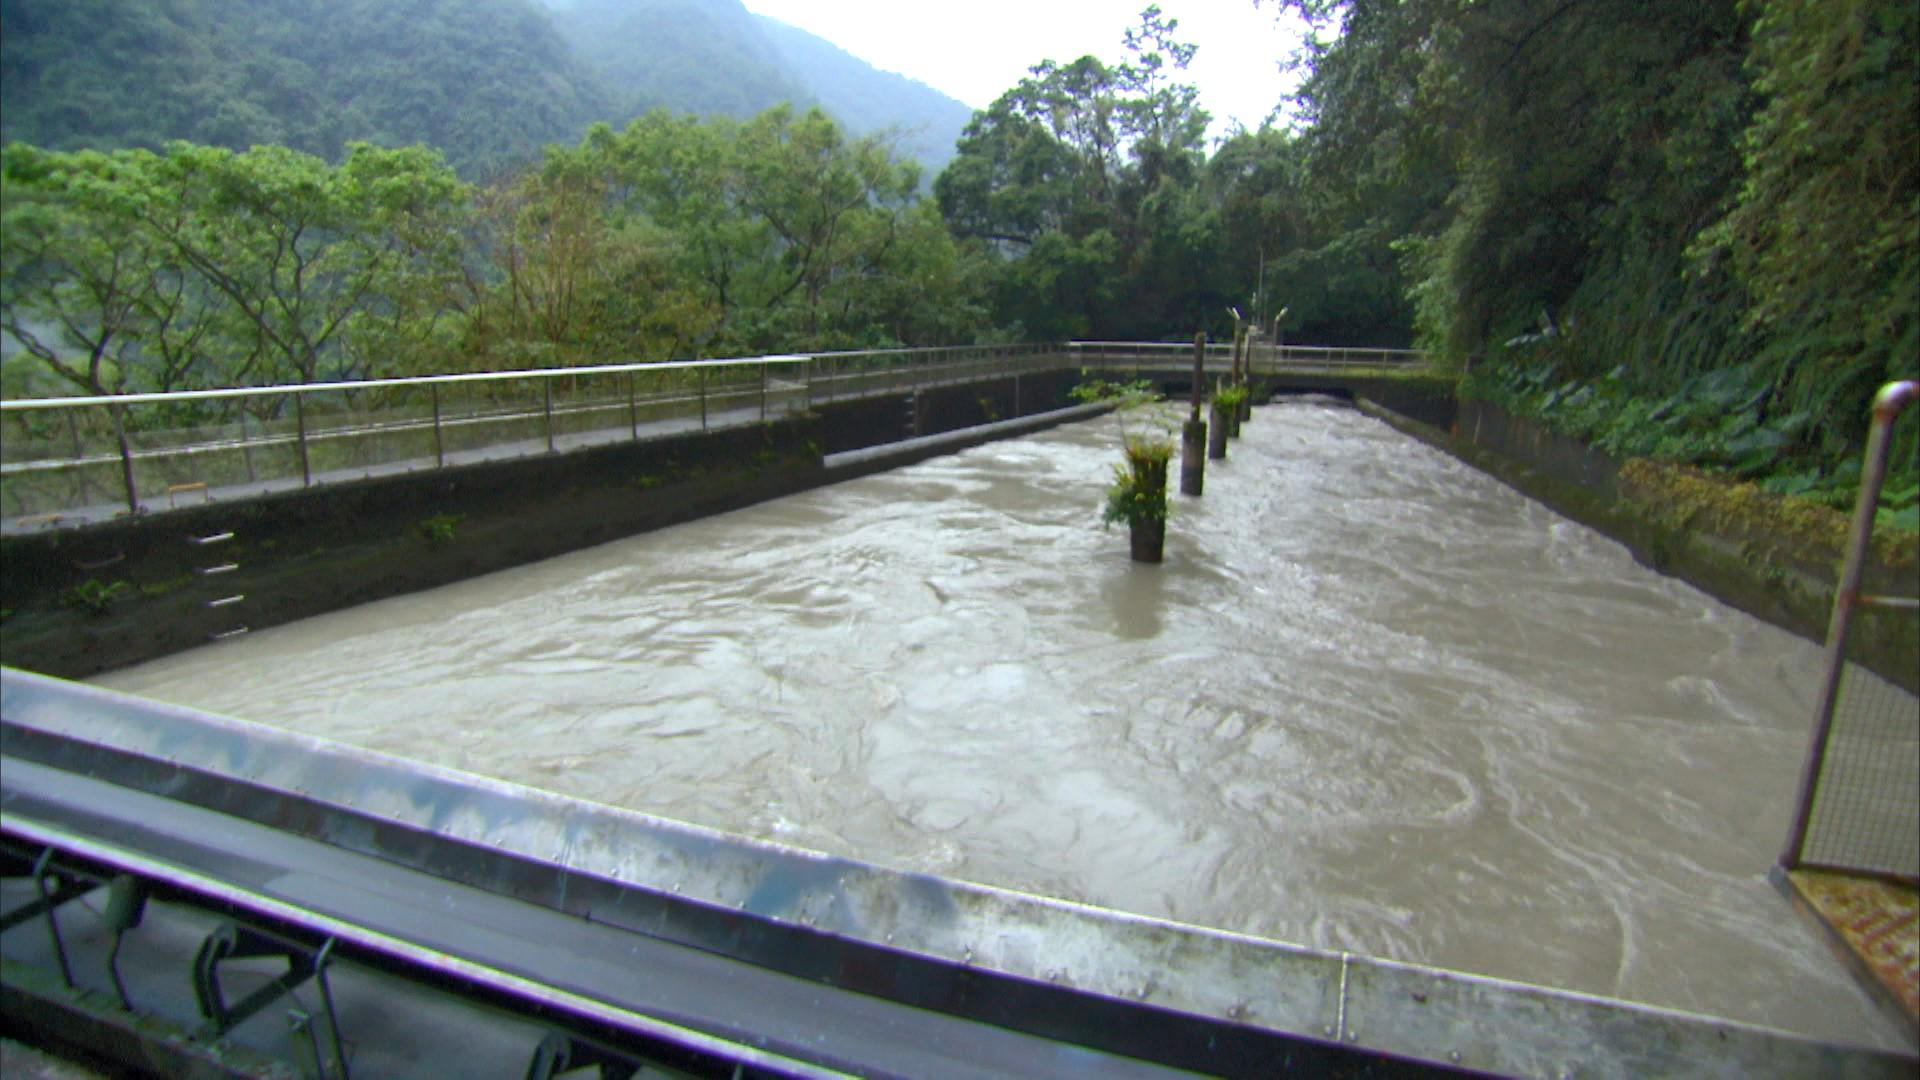 烏來電廠前池:前池長 35 公尺,上游面寬 7.5 公尺,下游面寬 15 公尺,深 3.5 公尺,容量   2,200 立方公尺。